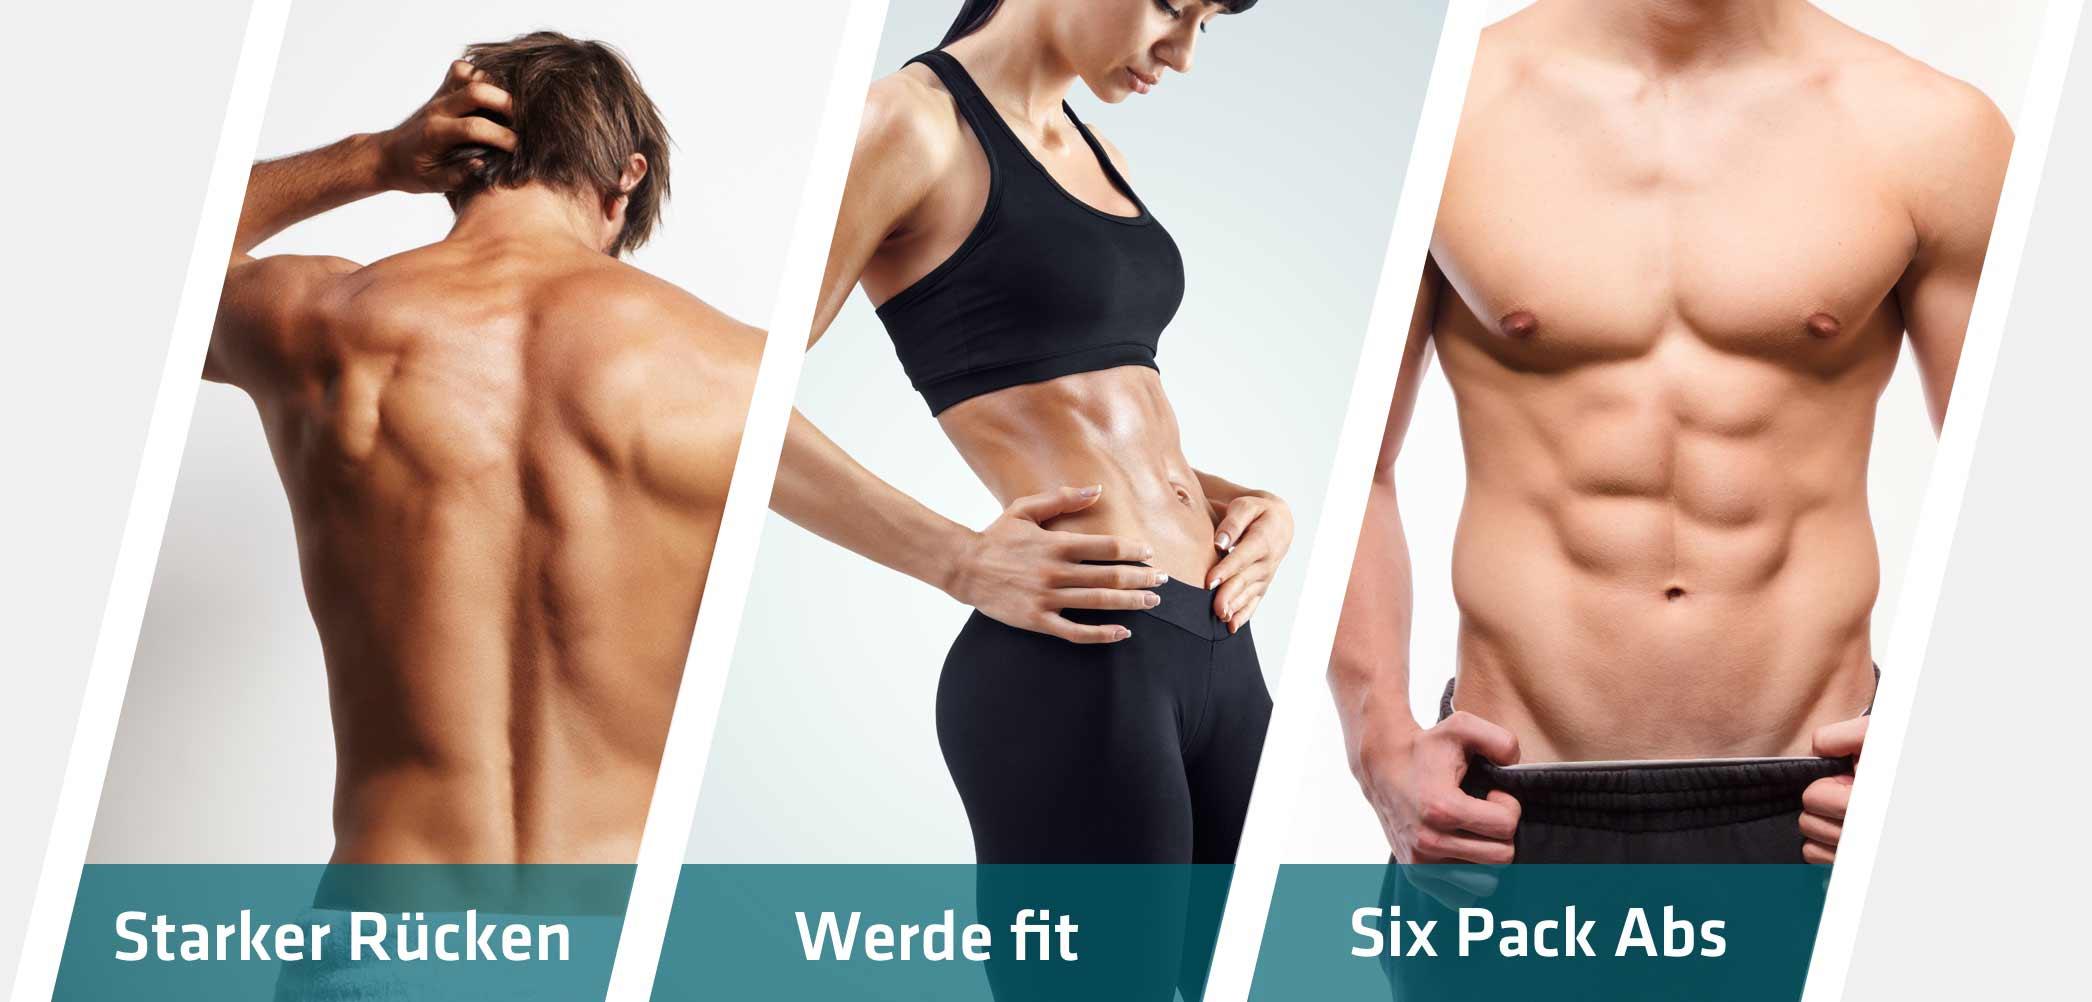 Starker Rücken, fit werden und SixPack antrainieren